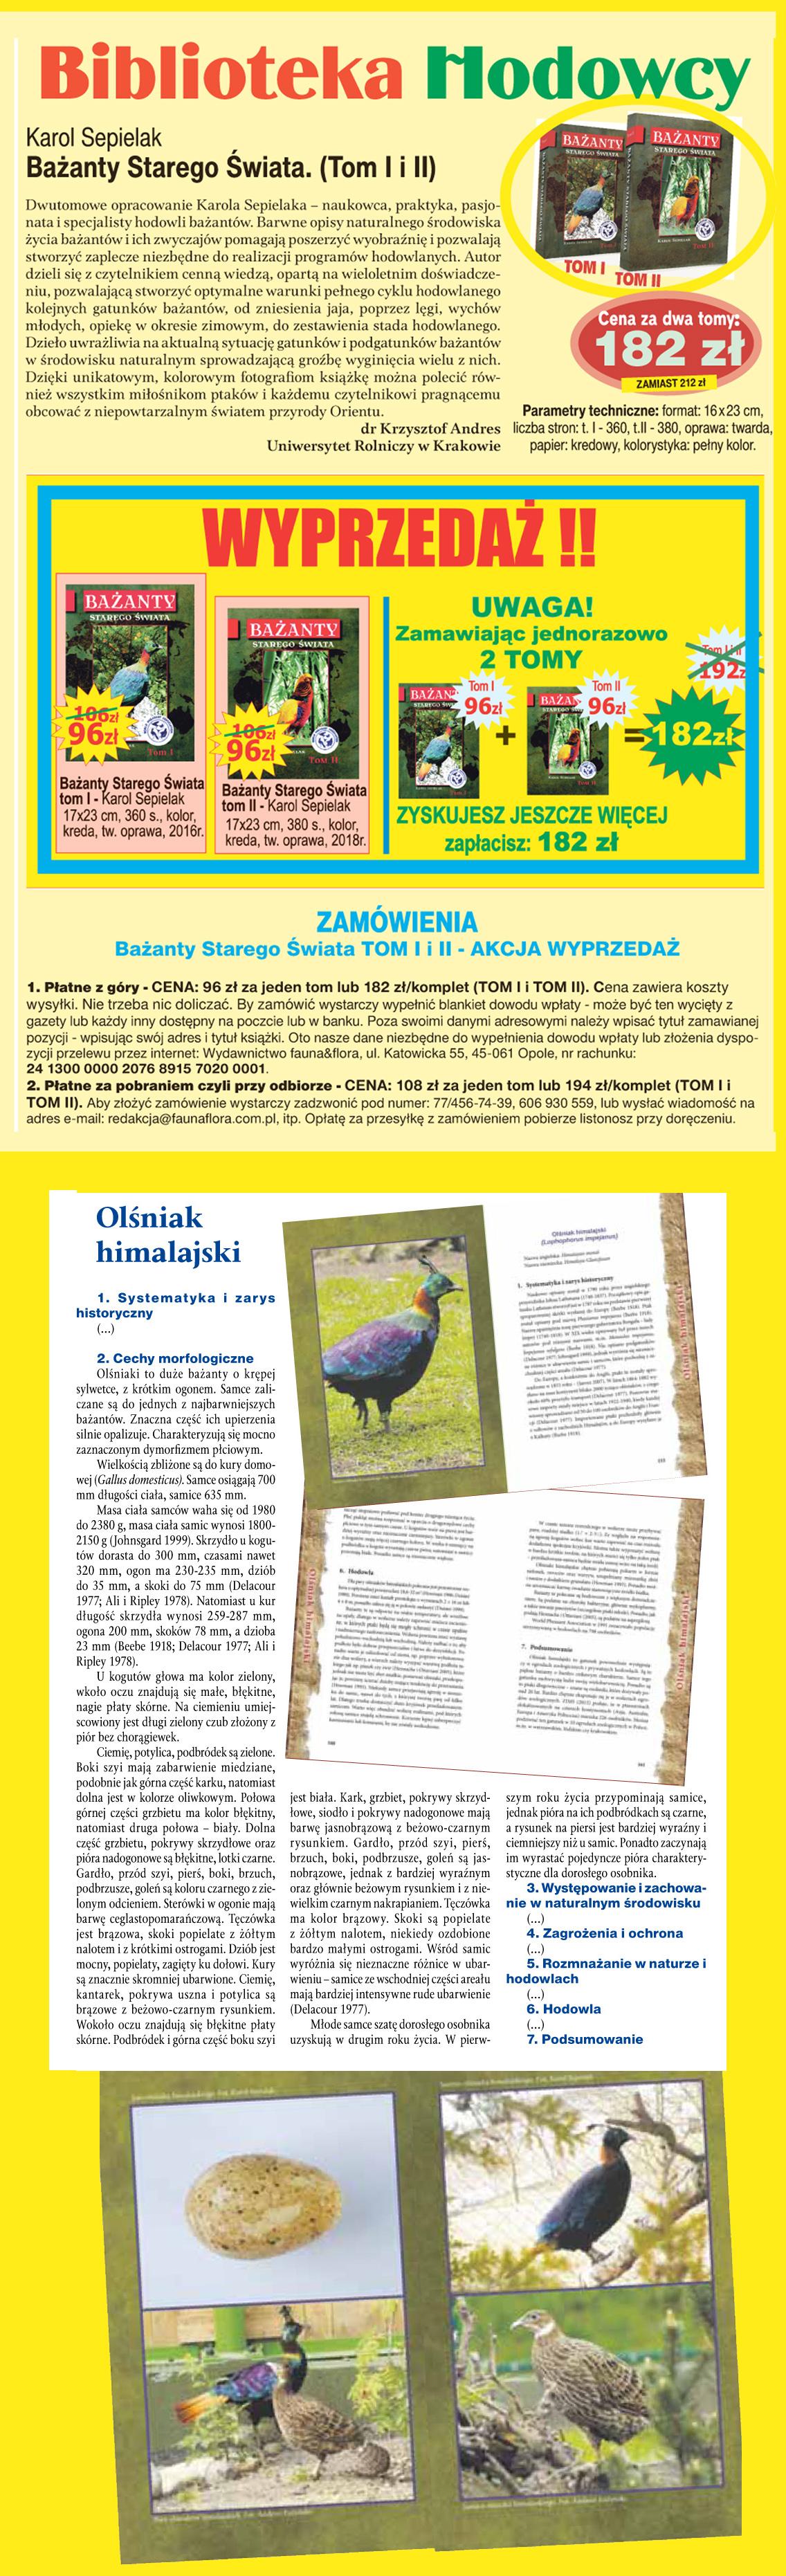 26c3ffaef34c3b FaunaFlora - zwierzęta, ogłoszenia - kupię, sprzedam